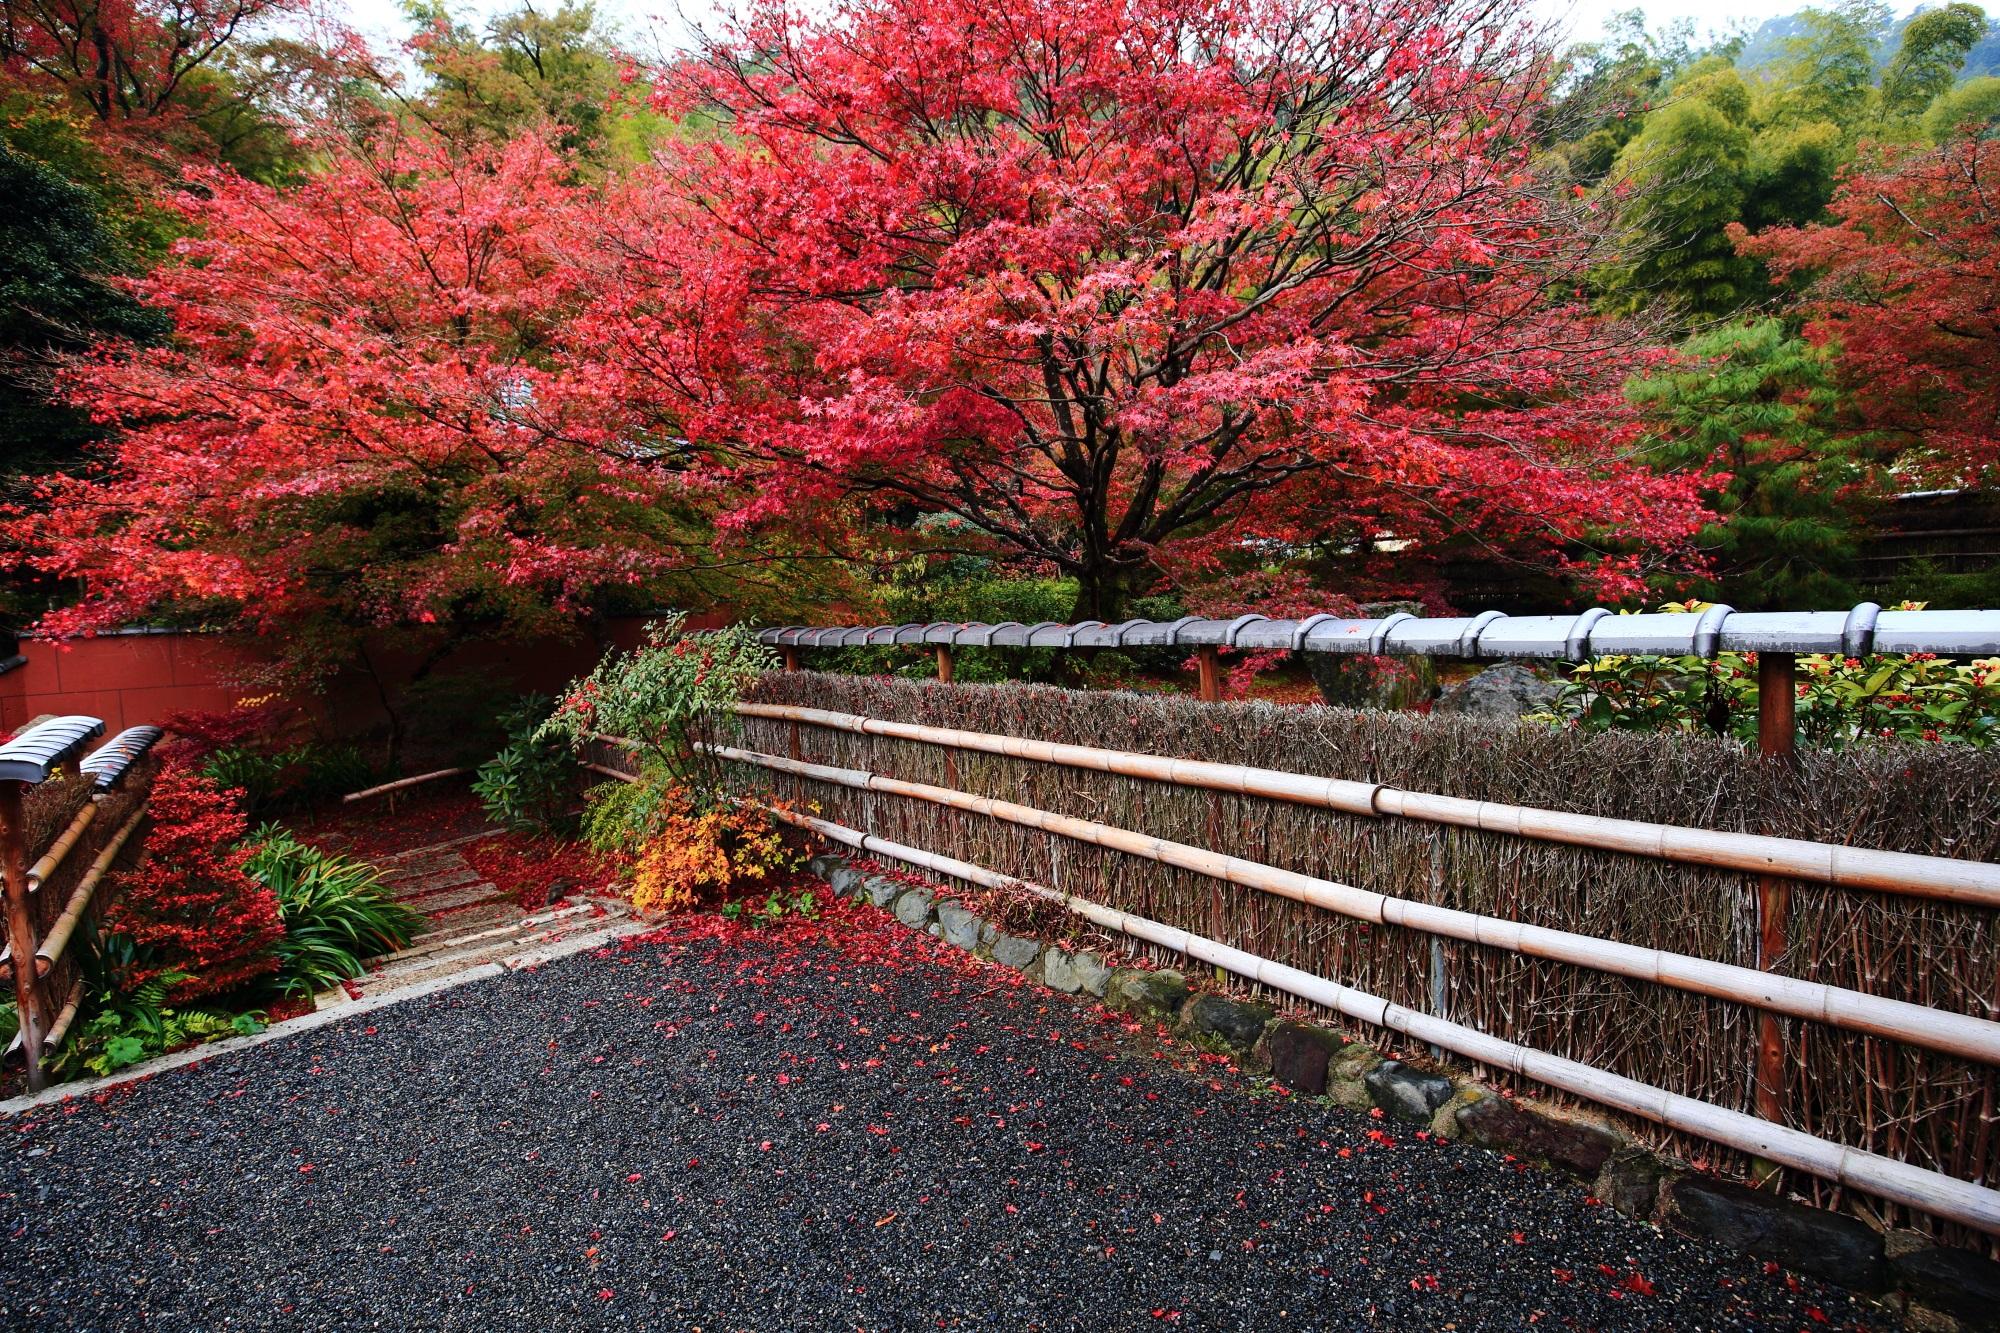 嵯峨直指庵の阿弥陀堂の鮮やかな赤い紅葉